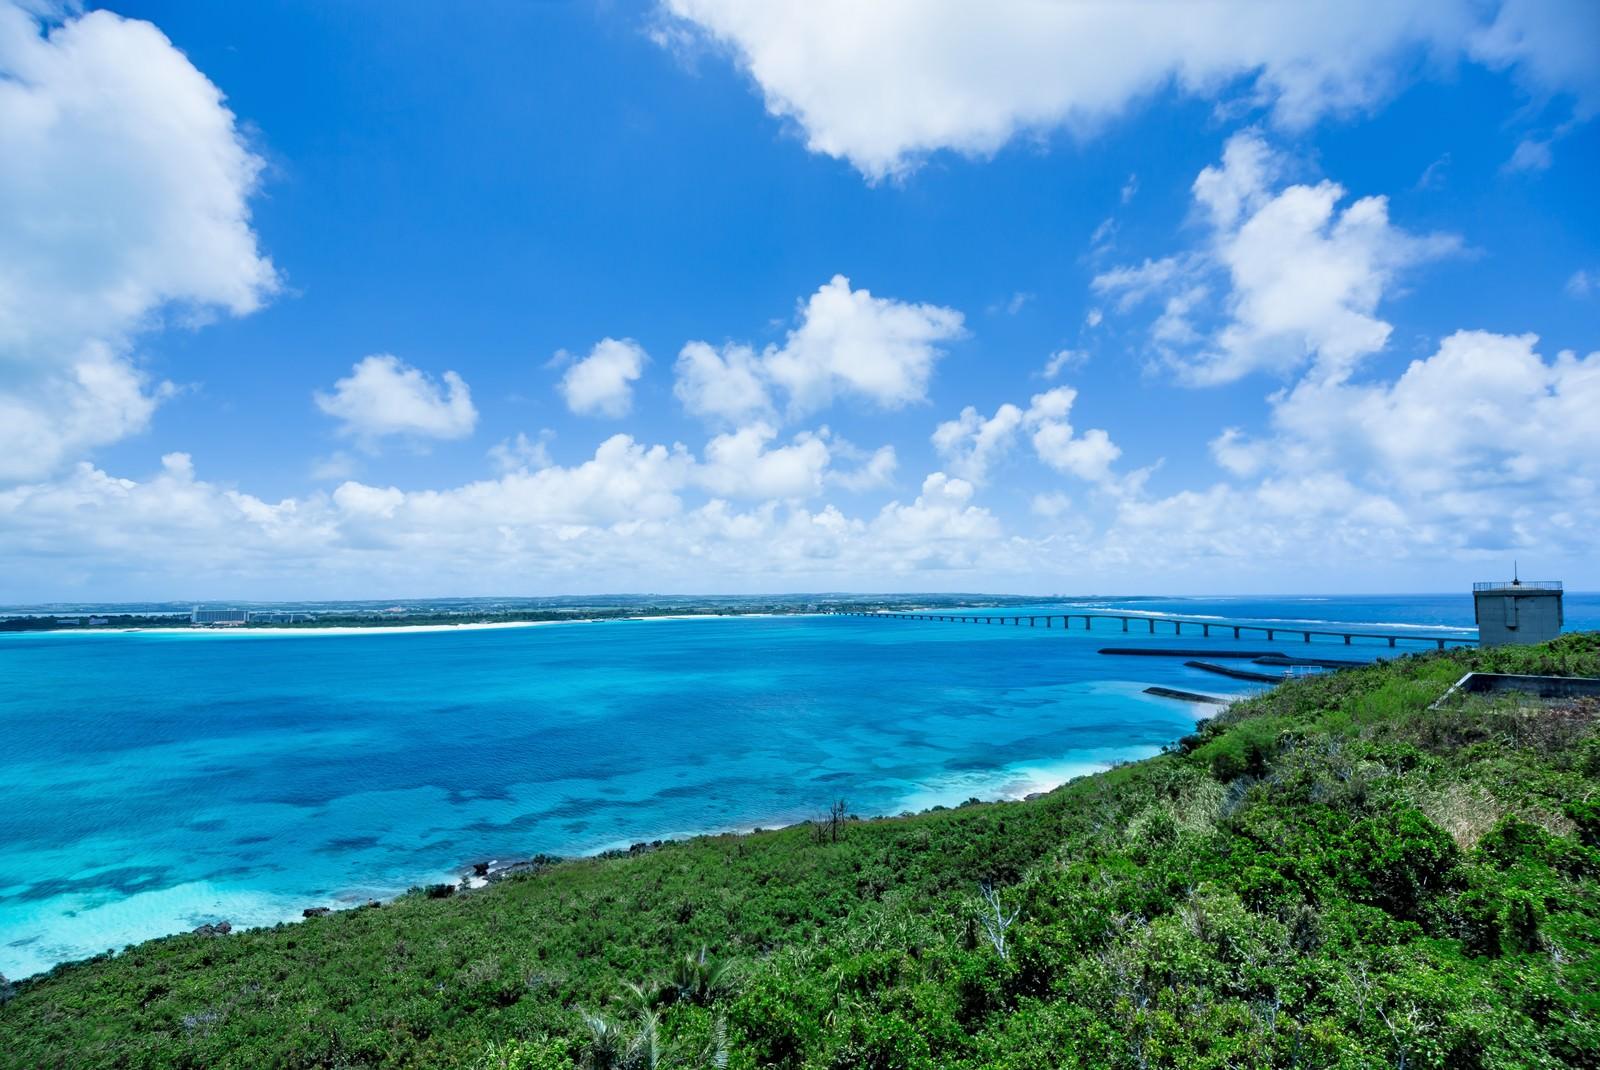 「来間島の竜宮城展望台から見える景色」の写真